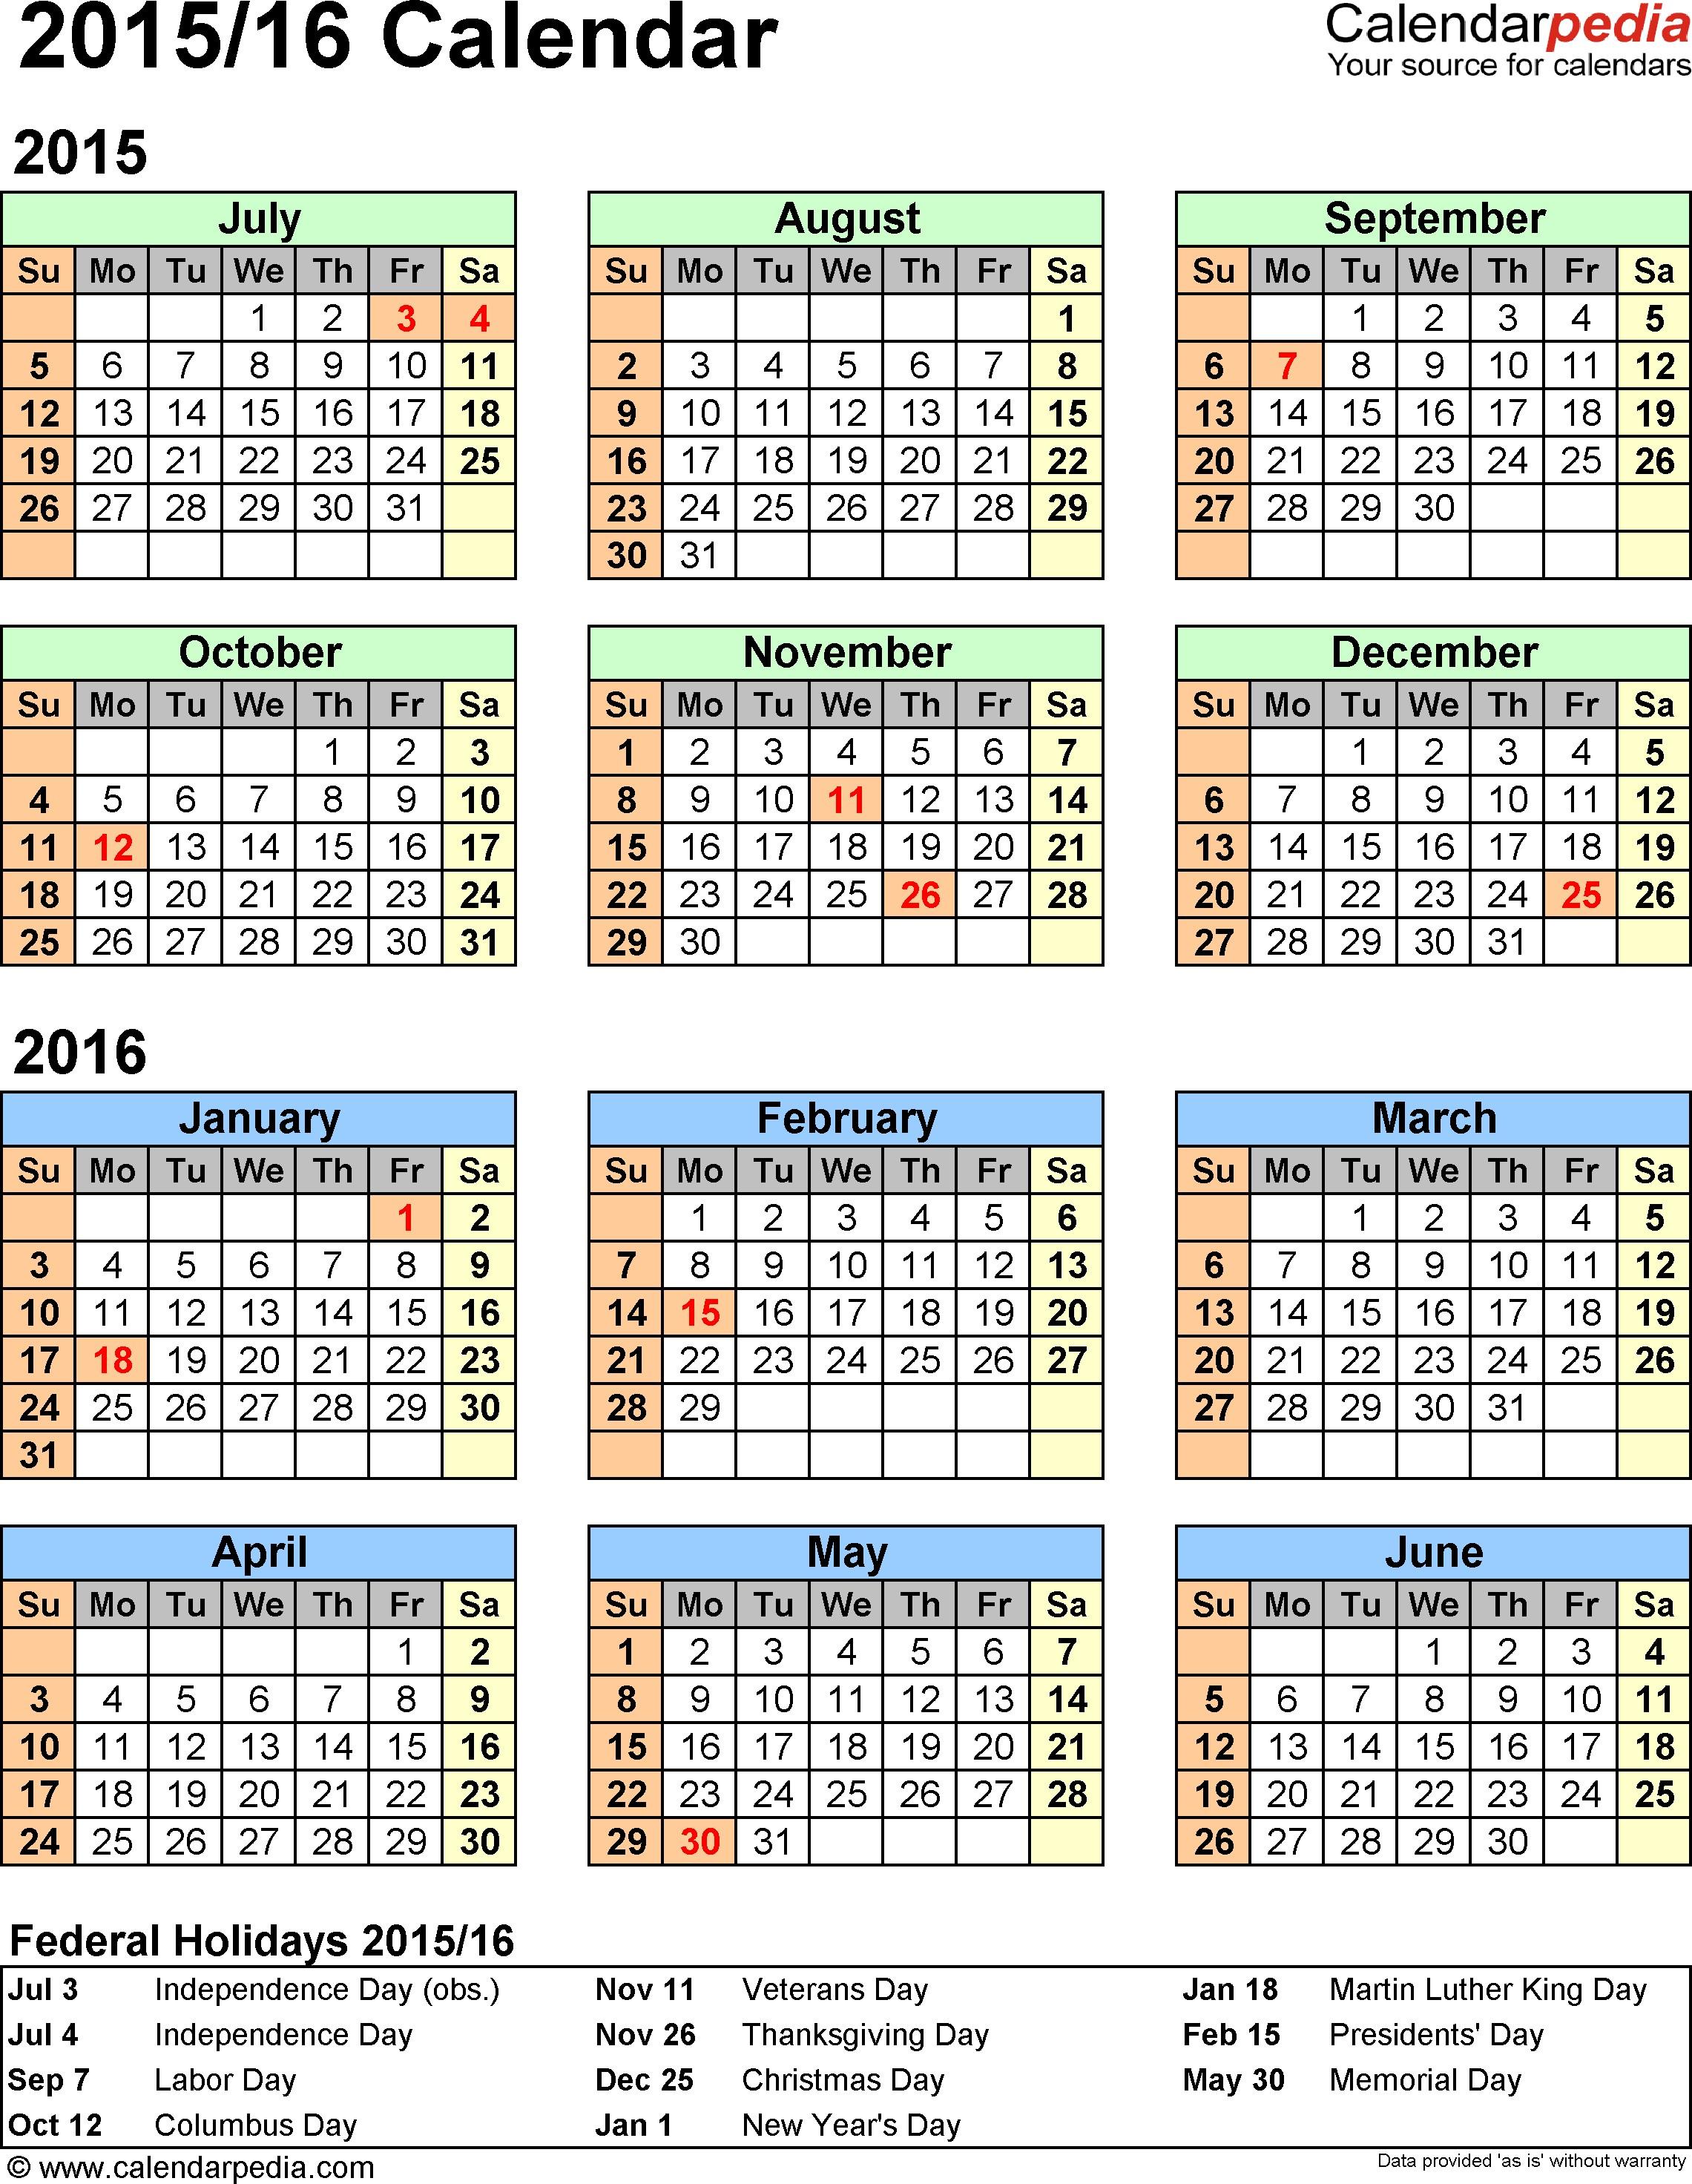 March 2019 Calendar Lala Ramswaroop Más Recientes Calendar 2016 Hindi Lala Ramswaroop Of March 2019 Calendar Lala Ramswaroop Más Caliente News Flash Connected with Lala Ramswaroop Calendar 2019 Download Pdf